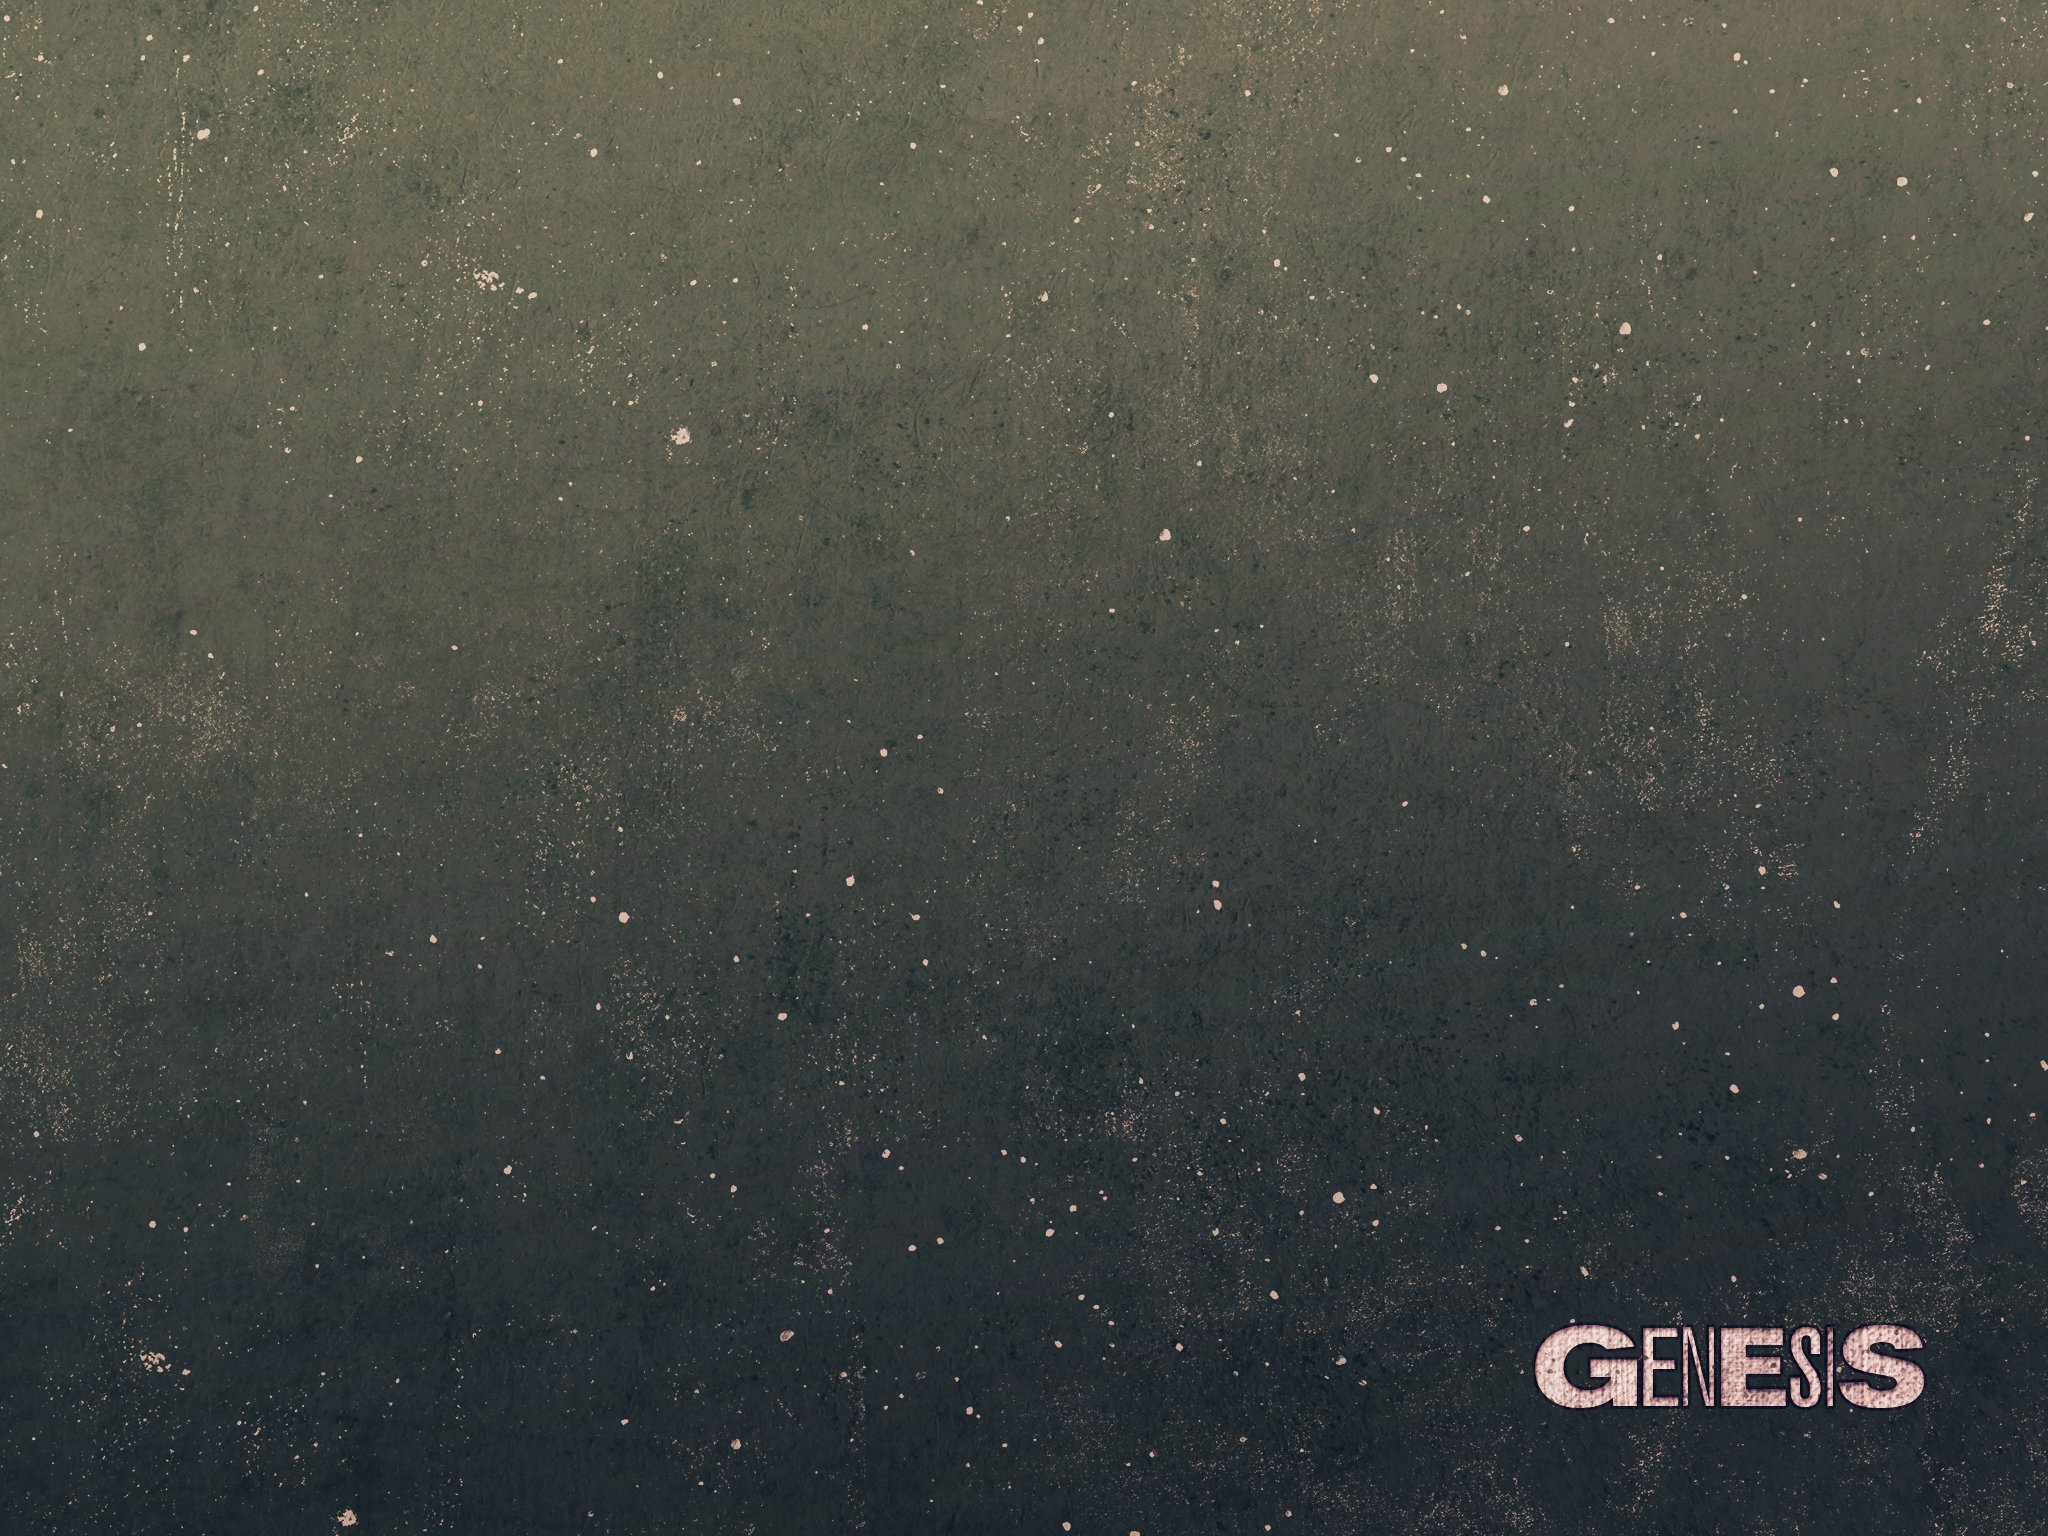 01-Genesis_Secondary_4x3-fullscreen.jpg